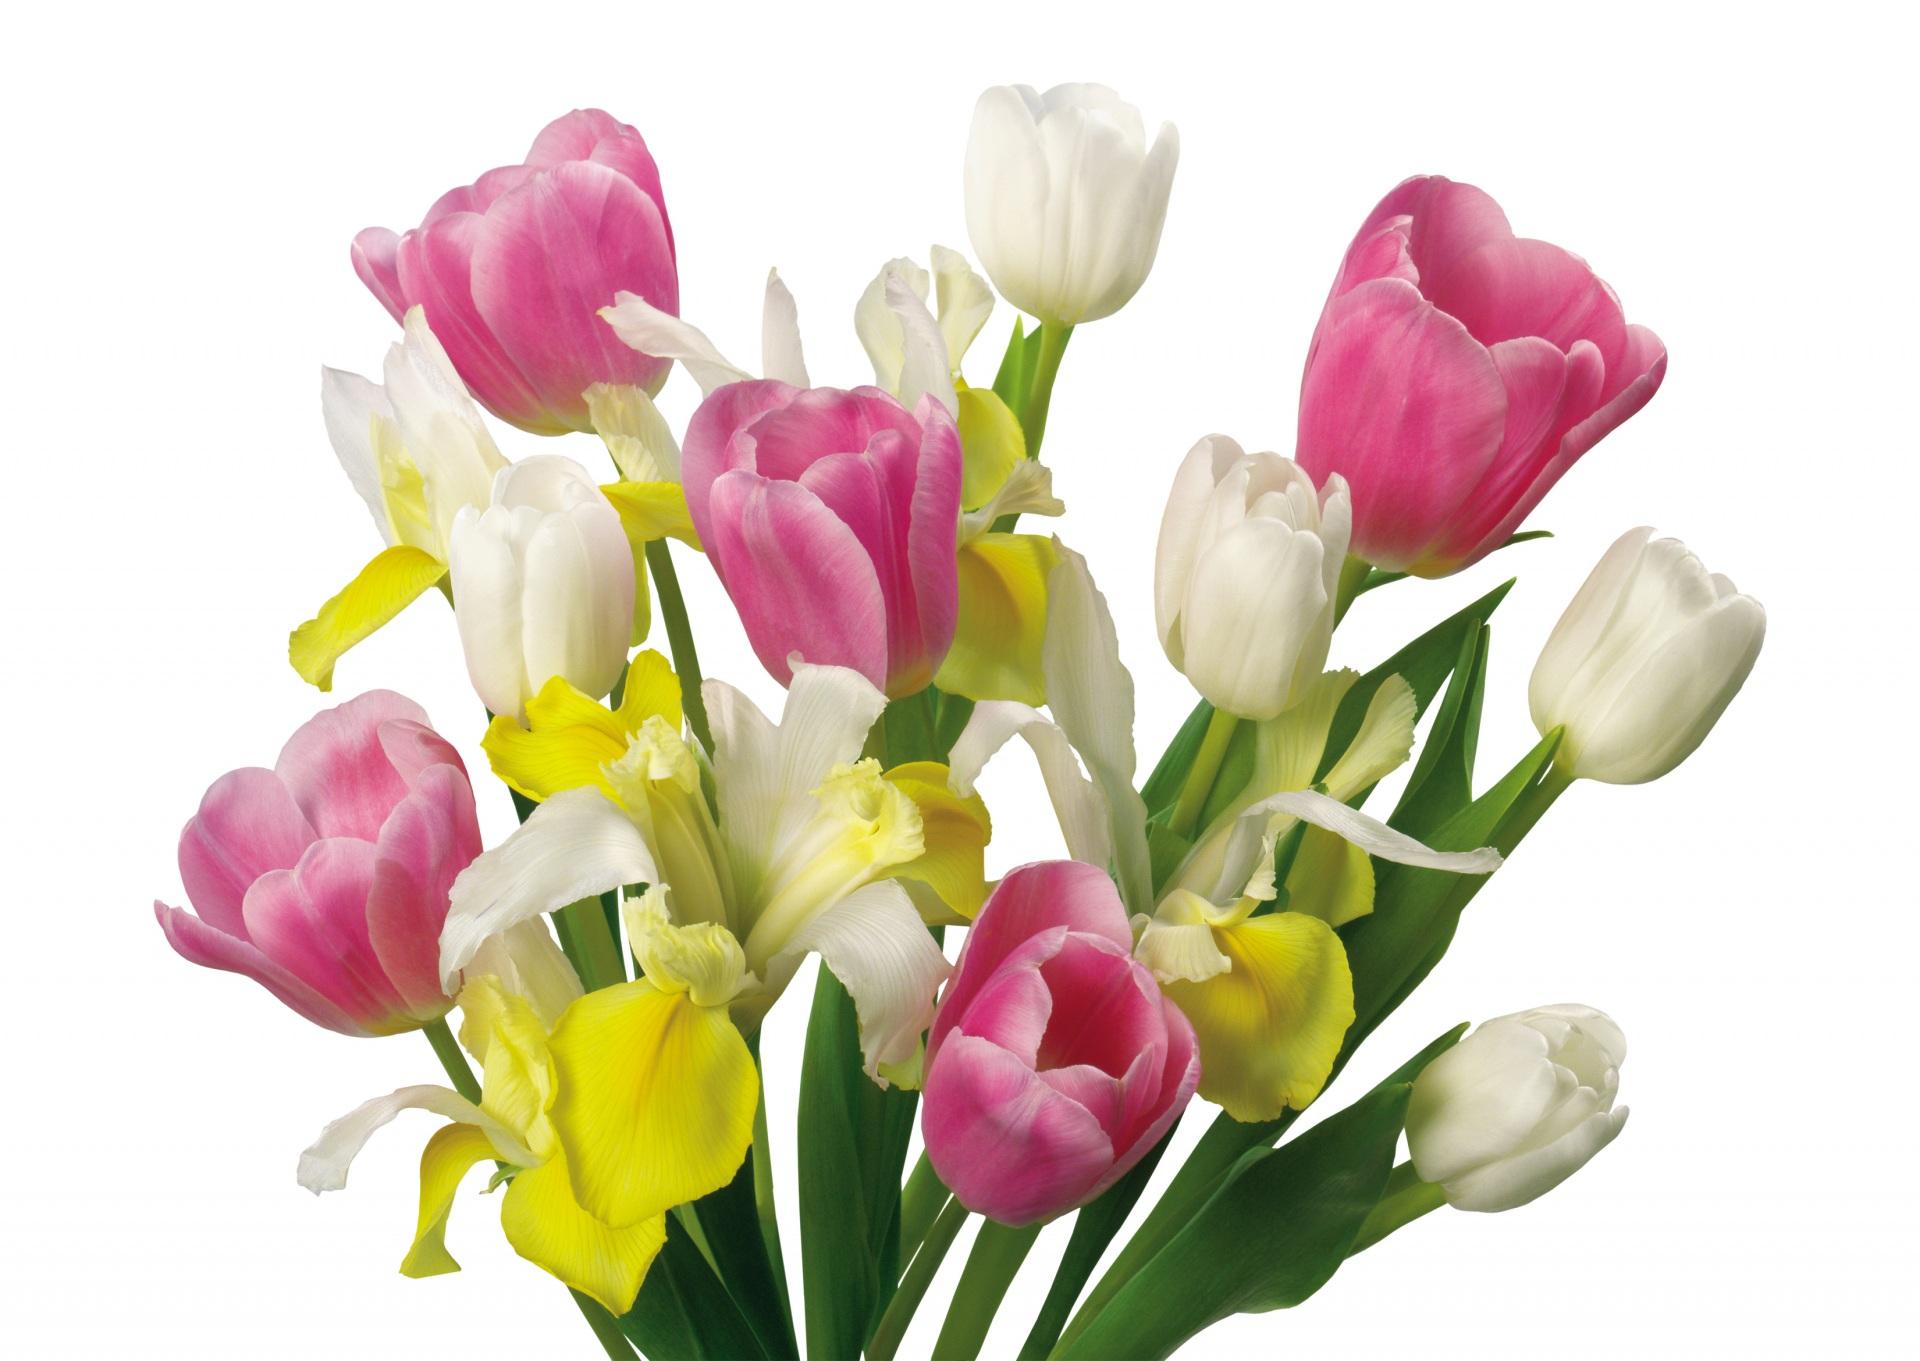 Картинка букет Тюльпаны Цветы Нарциссы белом фоне 1920x1361 Букеты тюльпан цветок Белый фон белым фоном